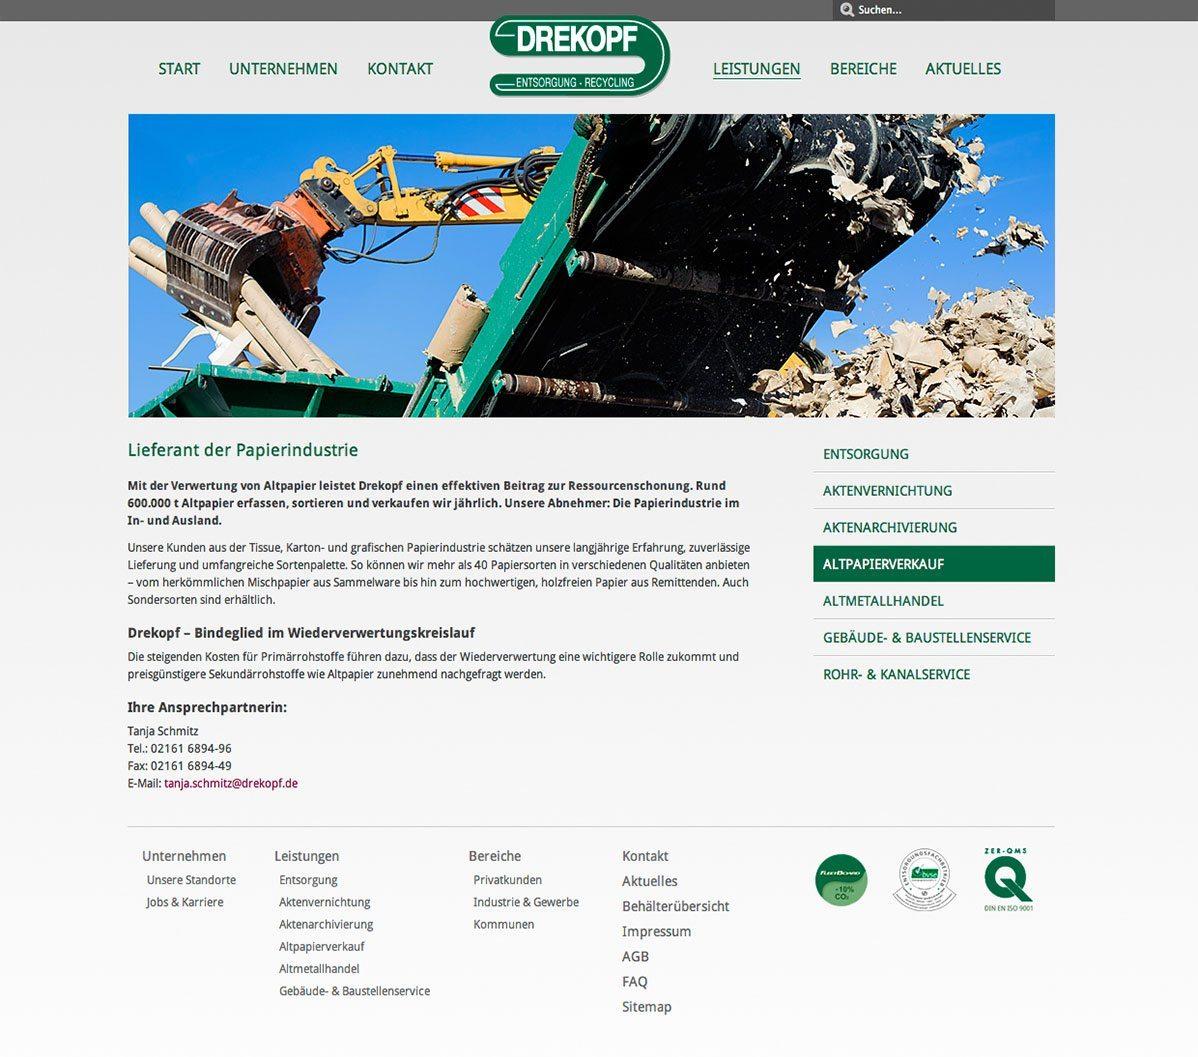 drekopf-website-02